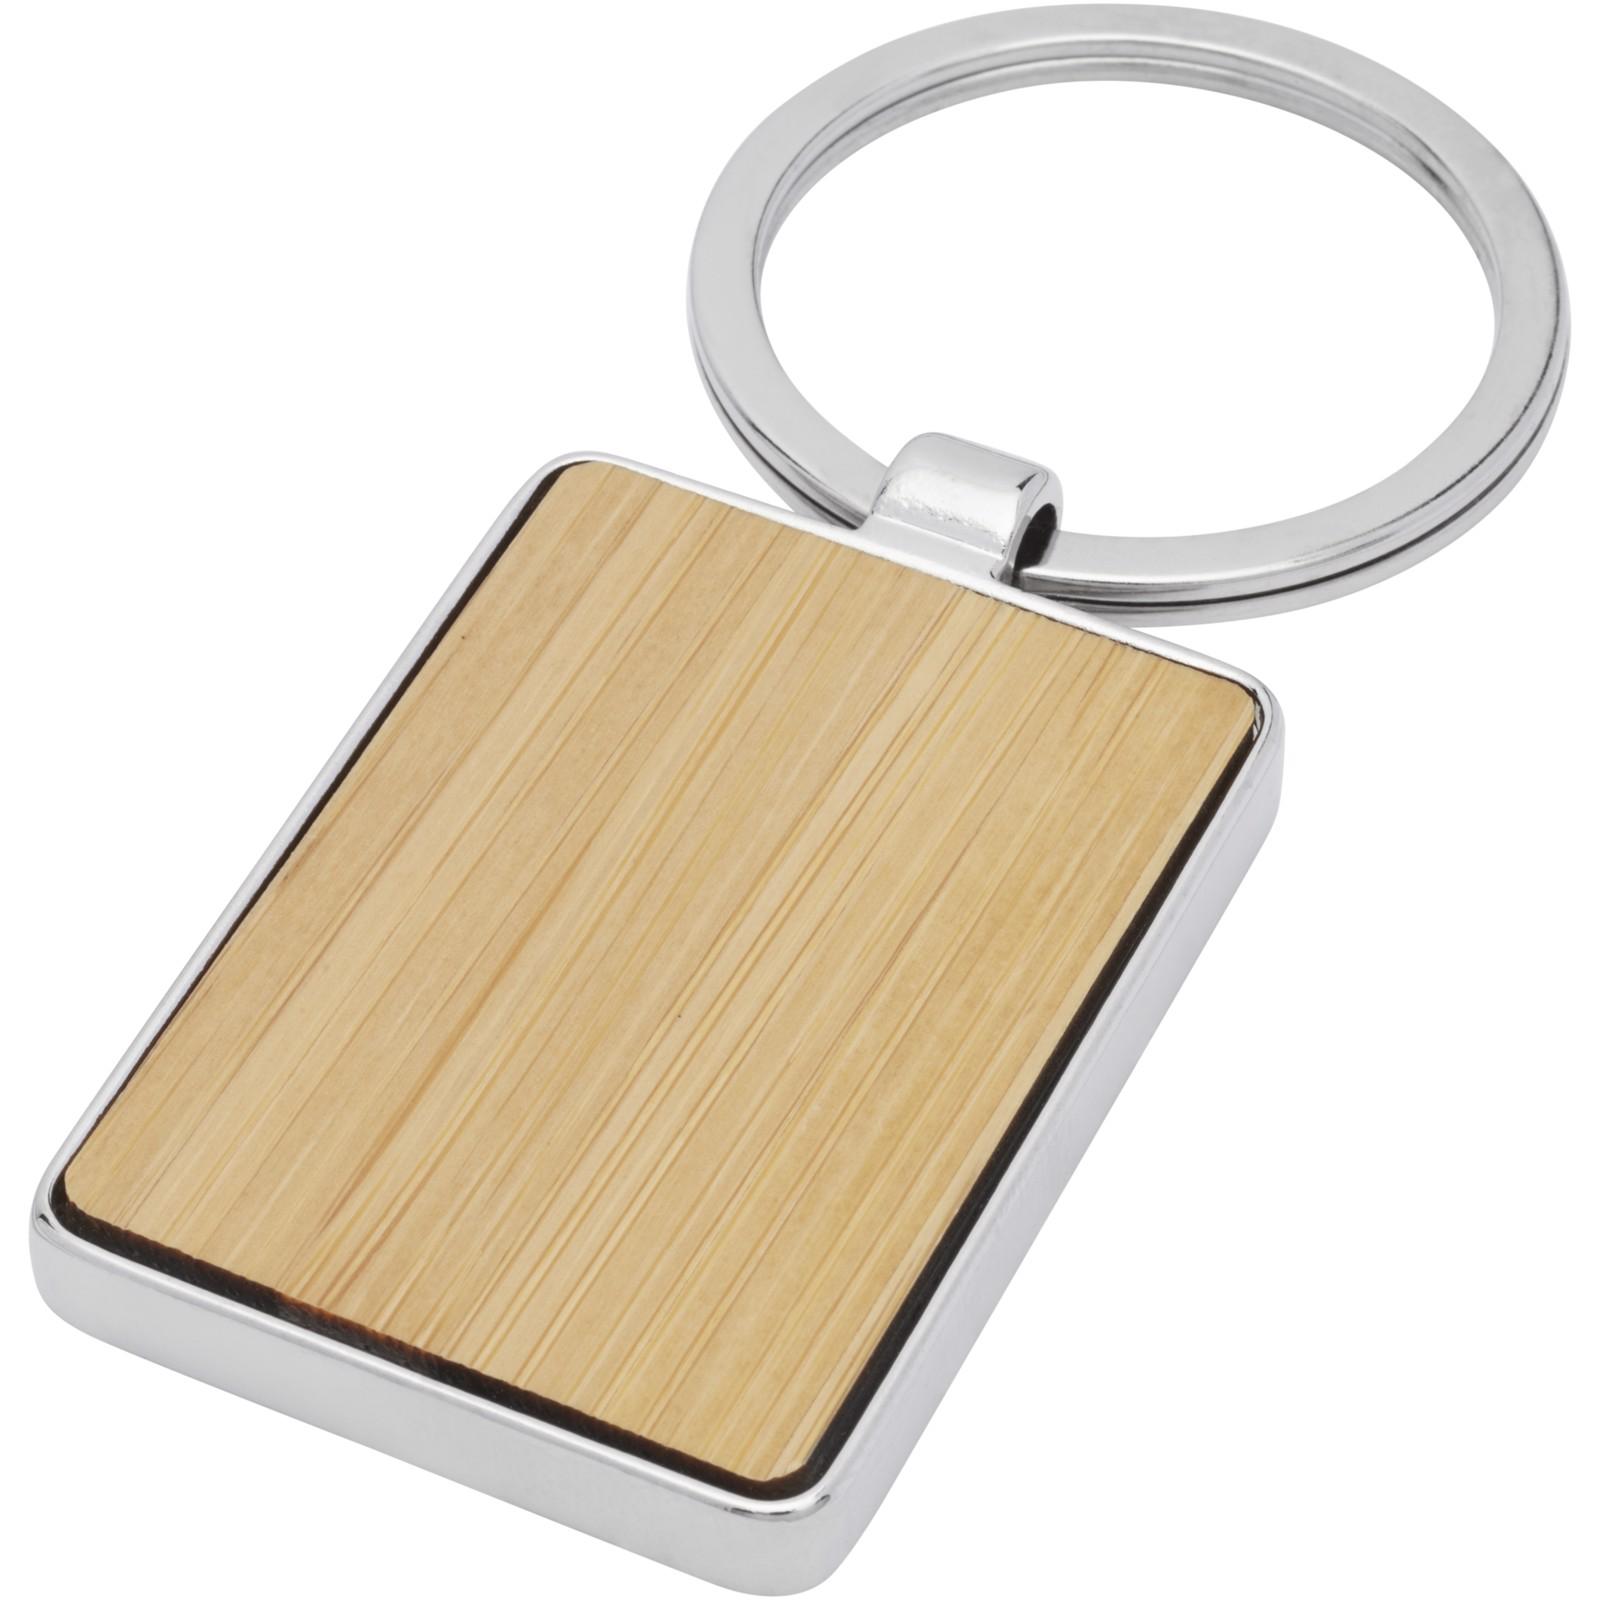 Neta bambusová obdélníková klíčenka